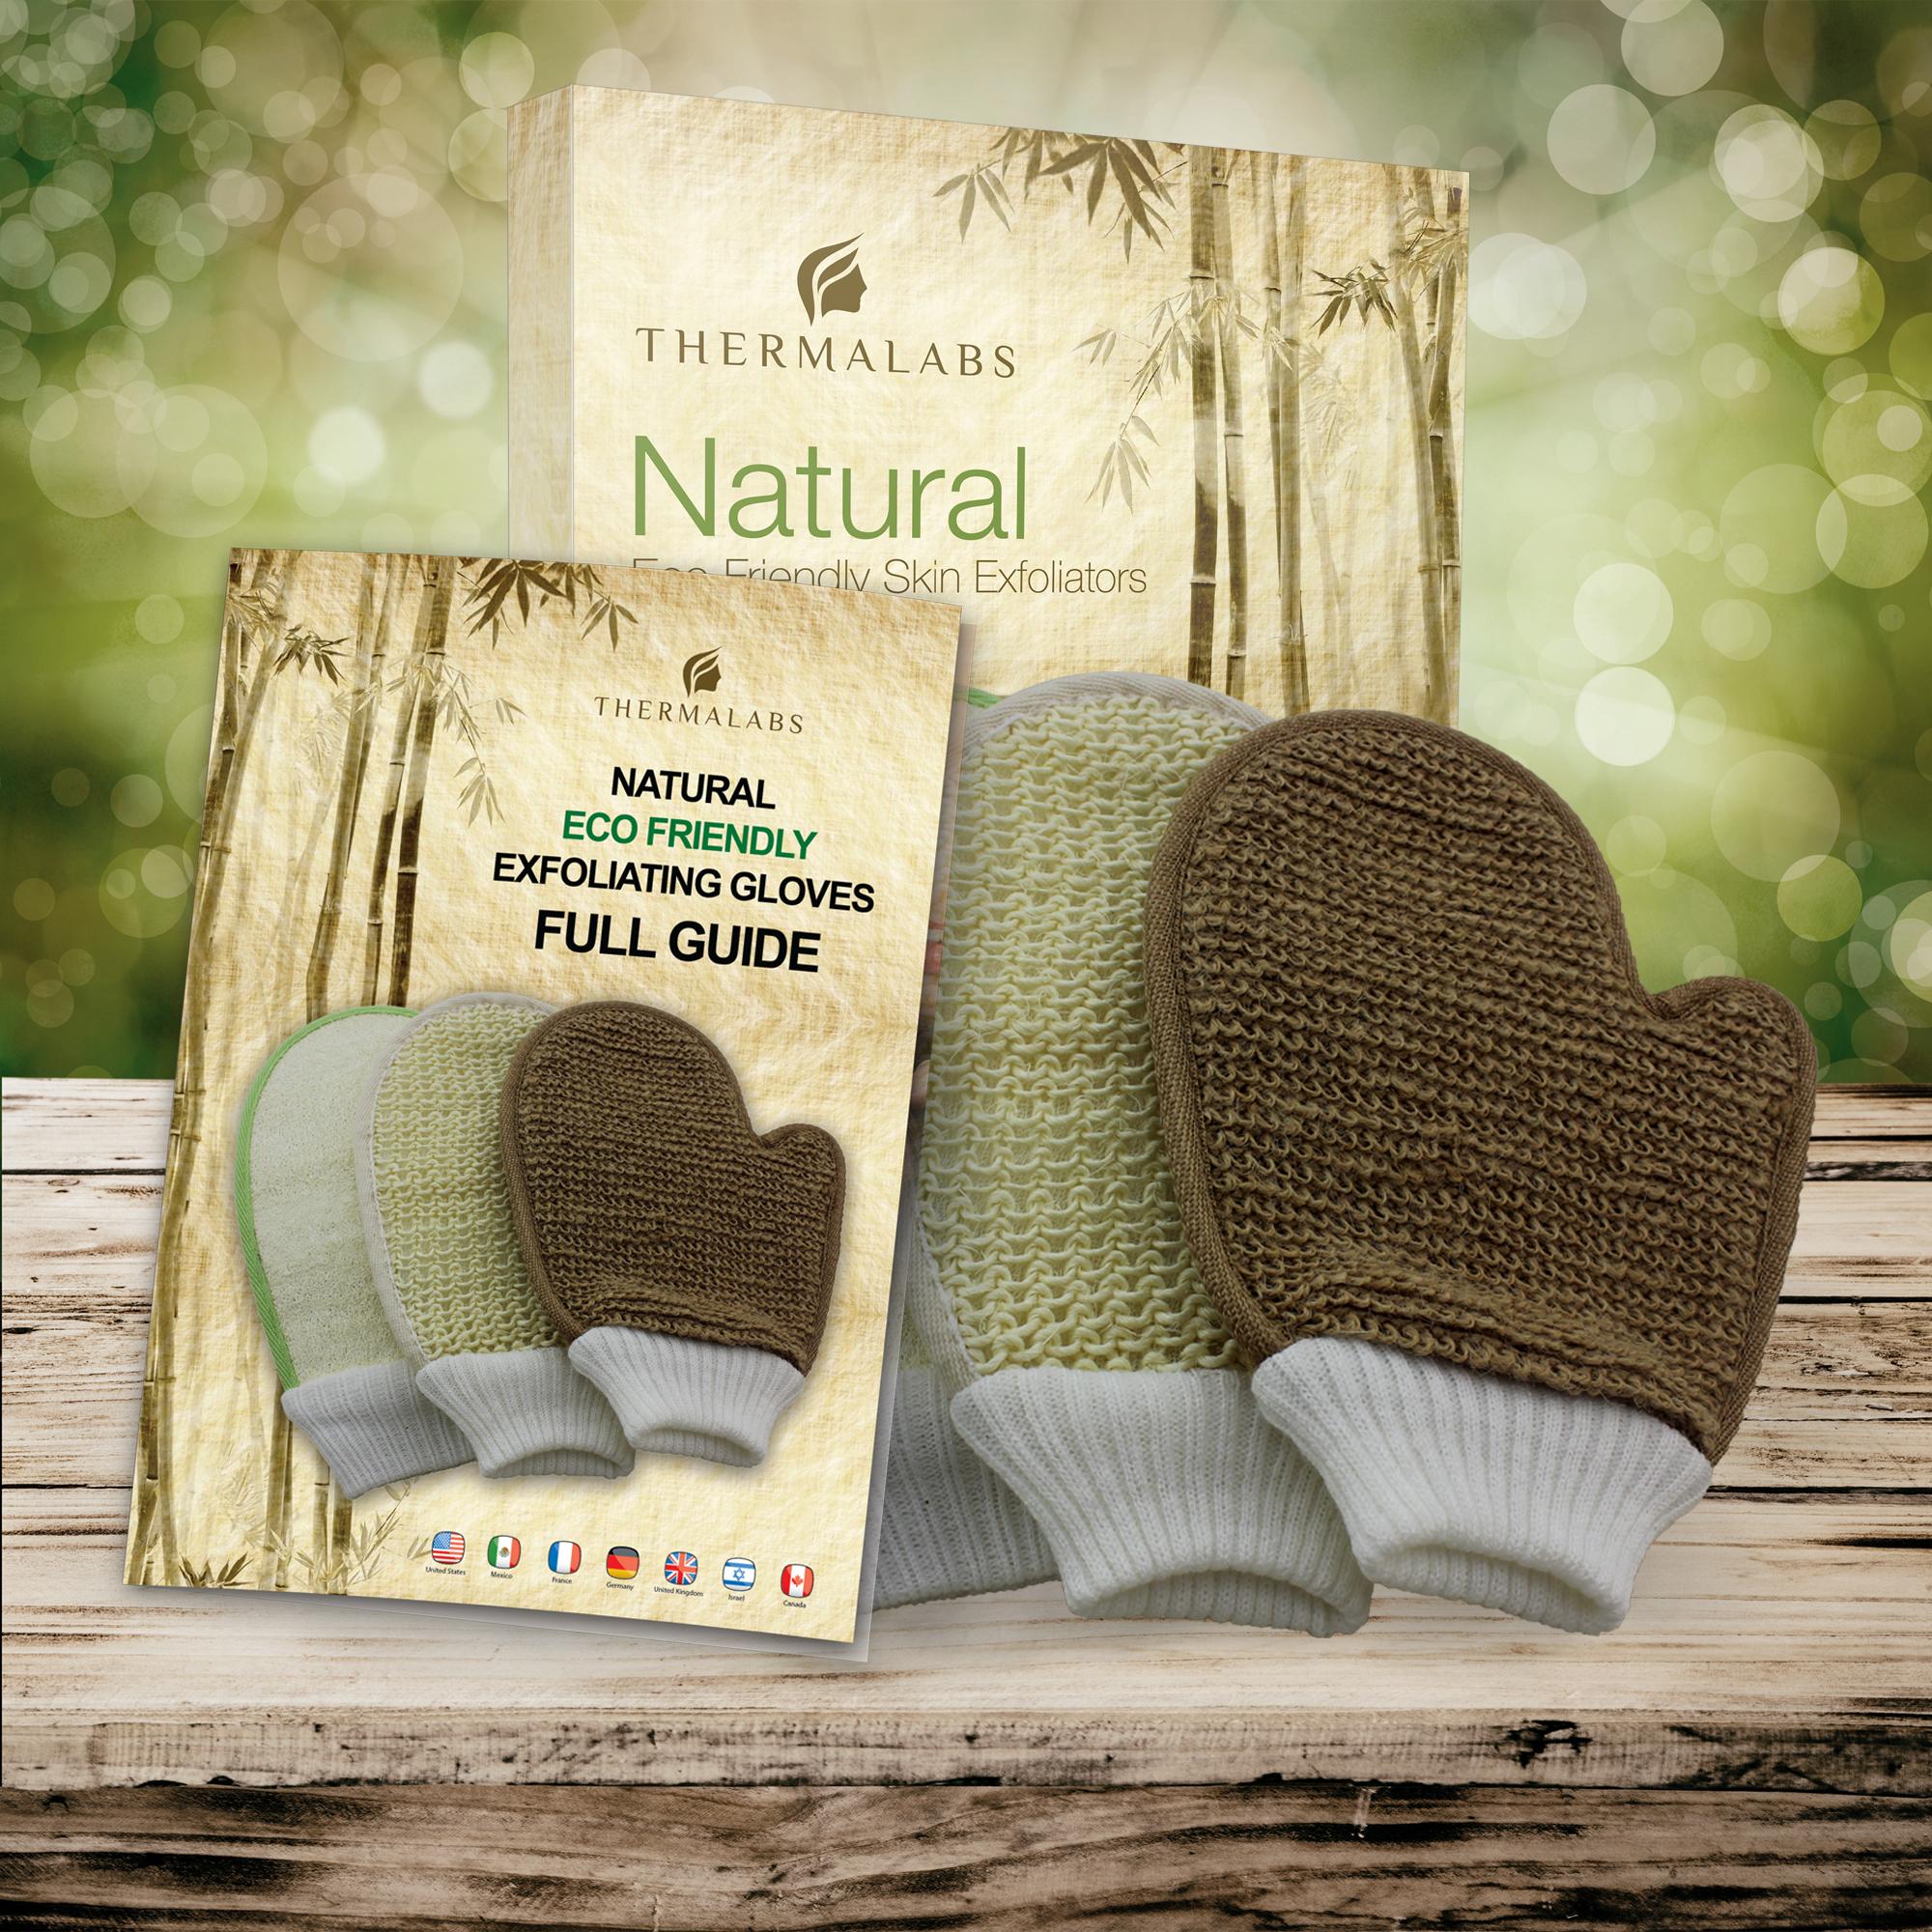 Thermalabs Eco-Friendly Body Scrub Exfoliating Gloves Set